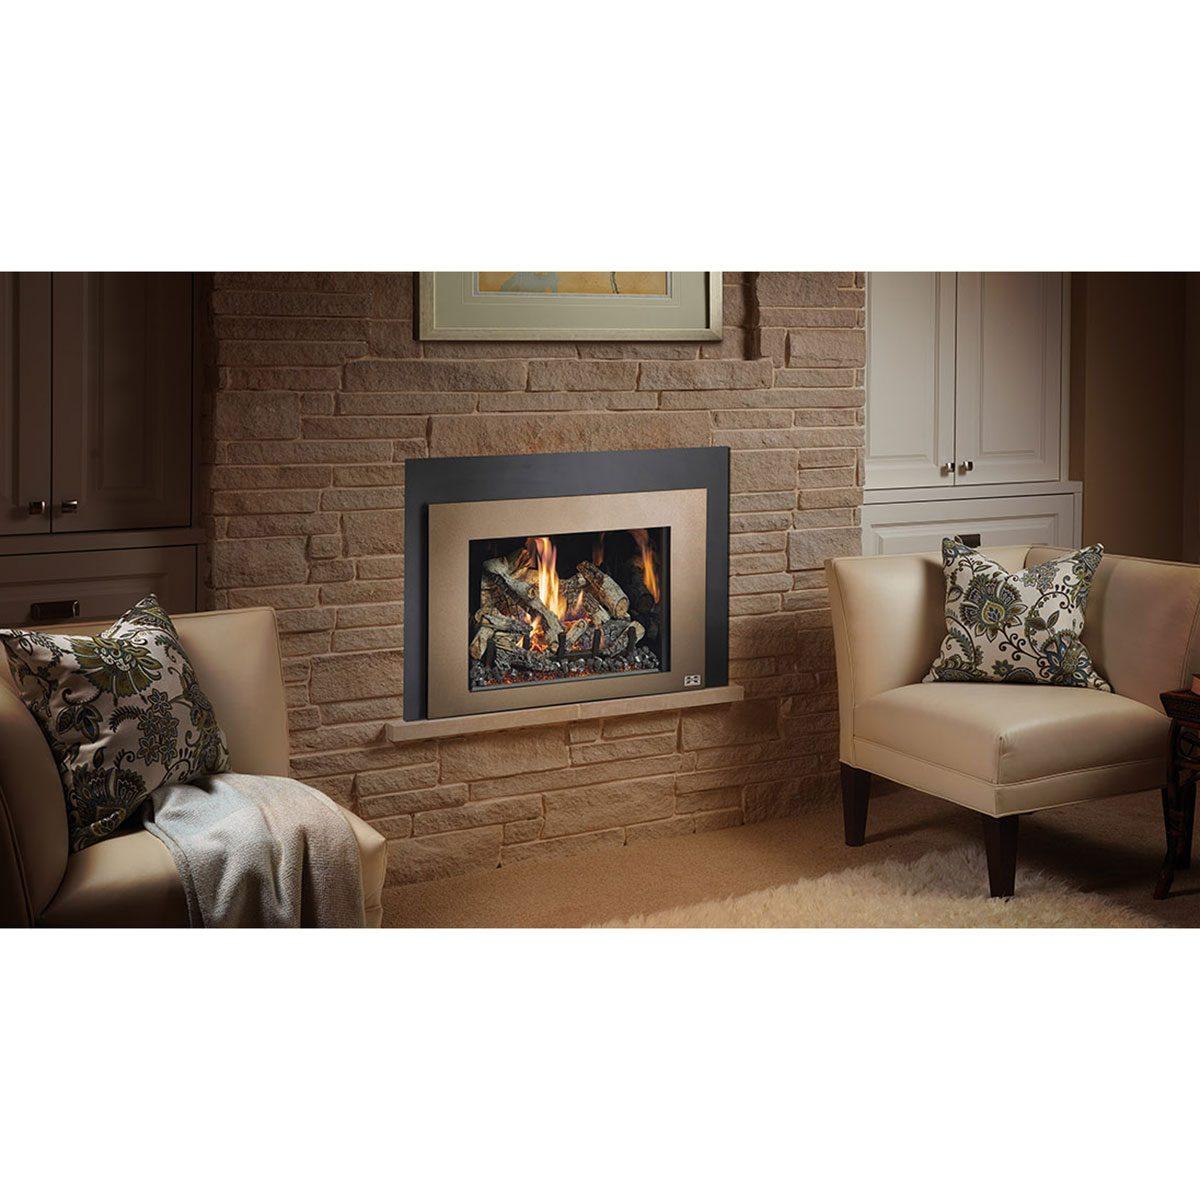 Gas Fireplace Insert 430 Bronzeshadowbox Blkgls Birch Install 1300